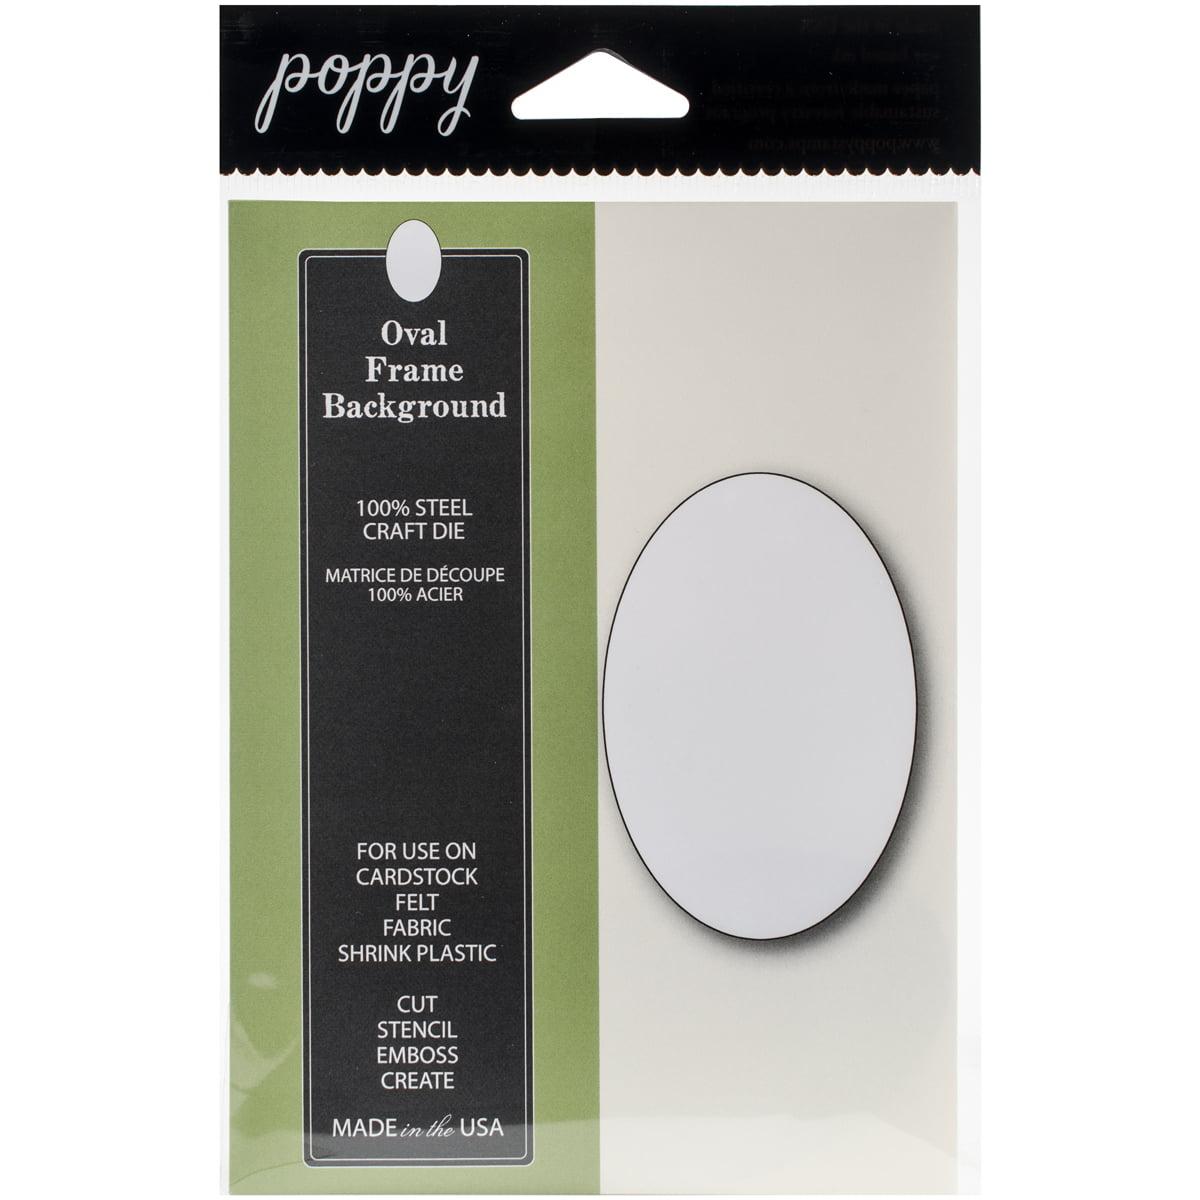 Image result for Poppystamp oval frame background